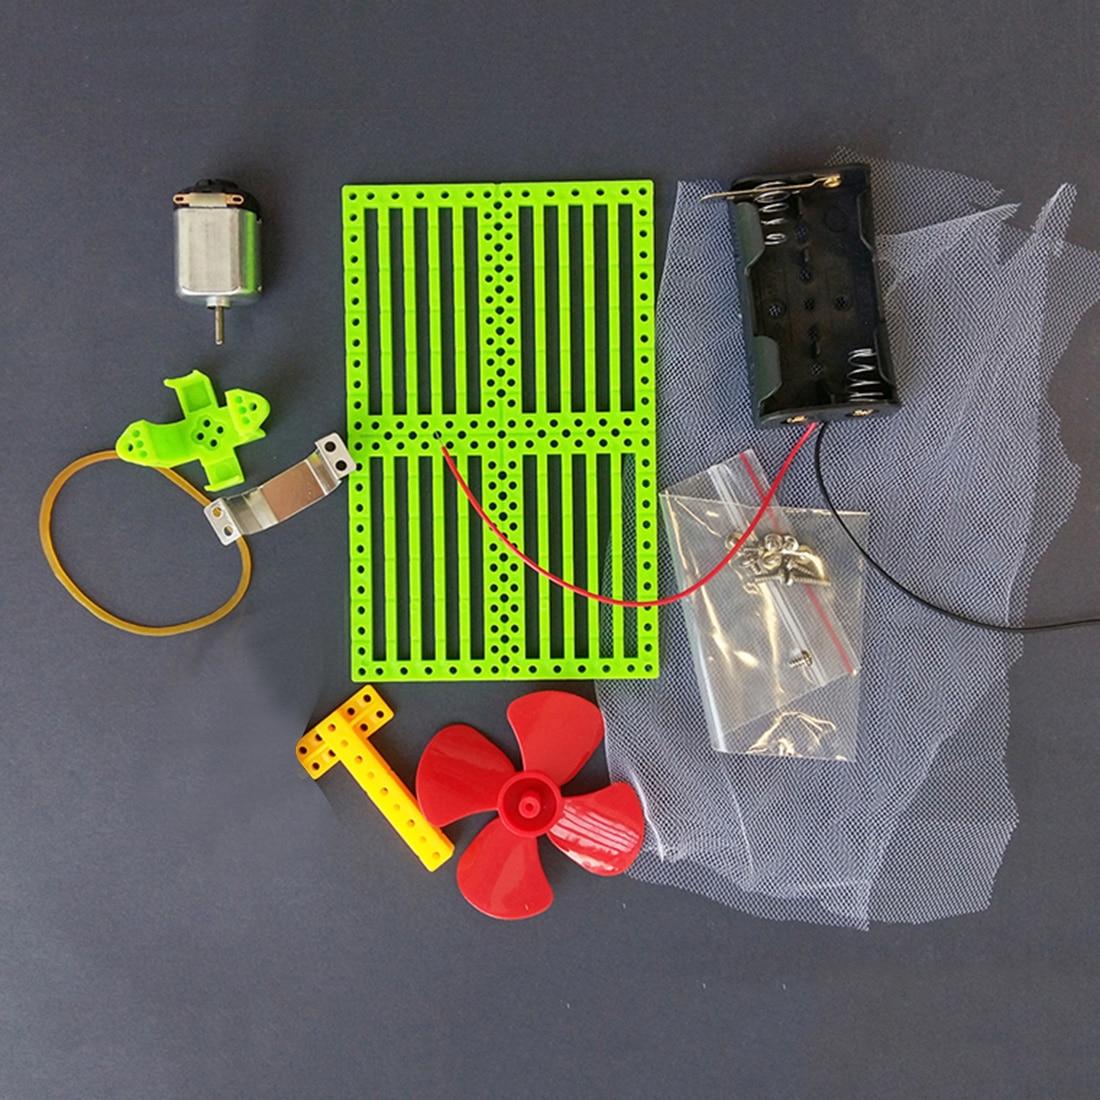 Feichao пылесос Электрический пластиковый легкий мини Чистящая игрушка DIY игрушки развивающие игрушки для детей подарочная игрушка